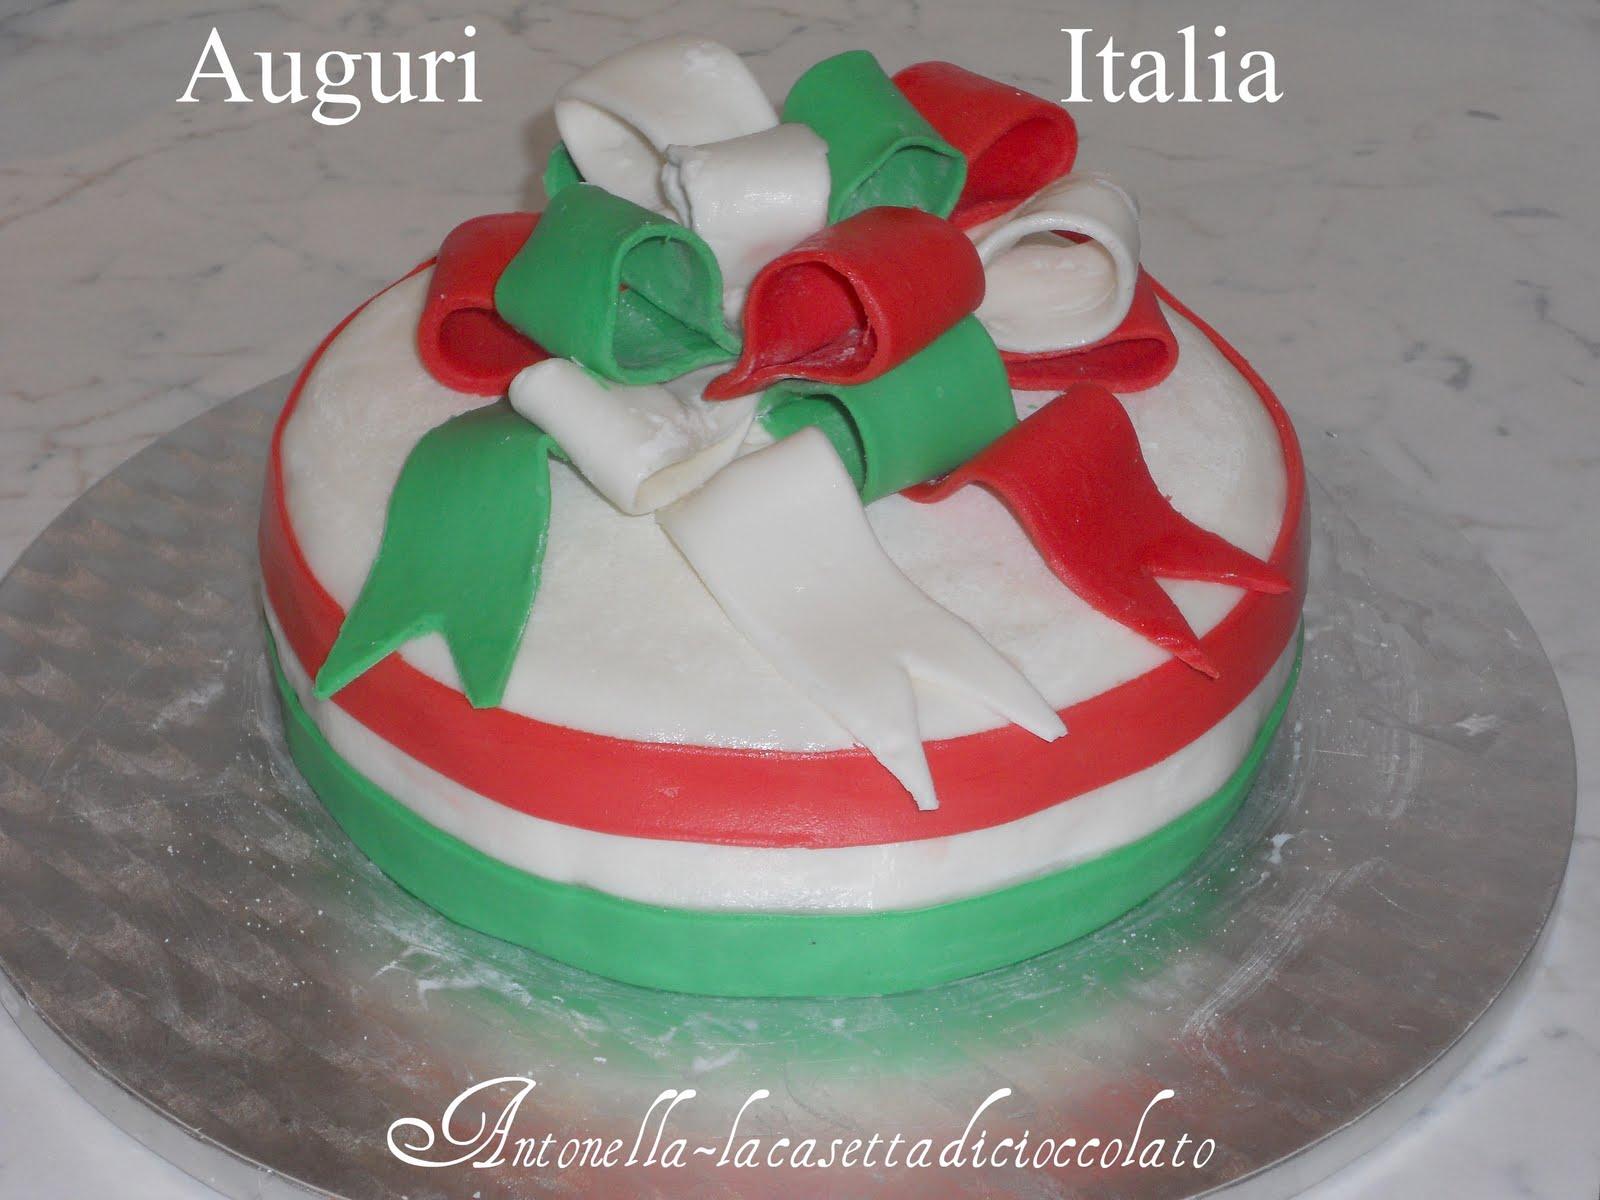 Famoso la casetta di cioccolato: torta auguri Italia TI65